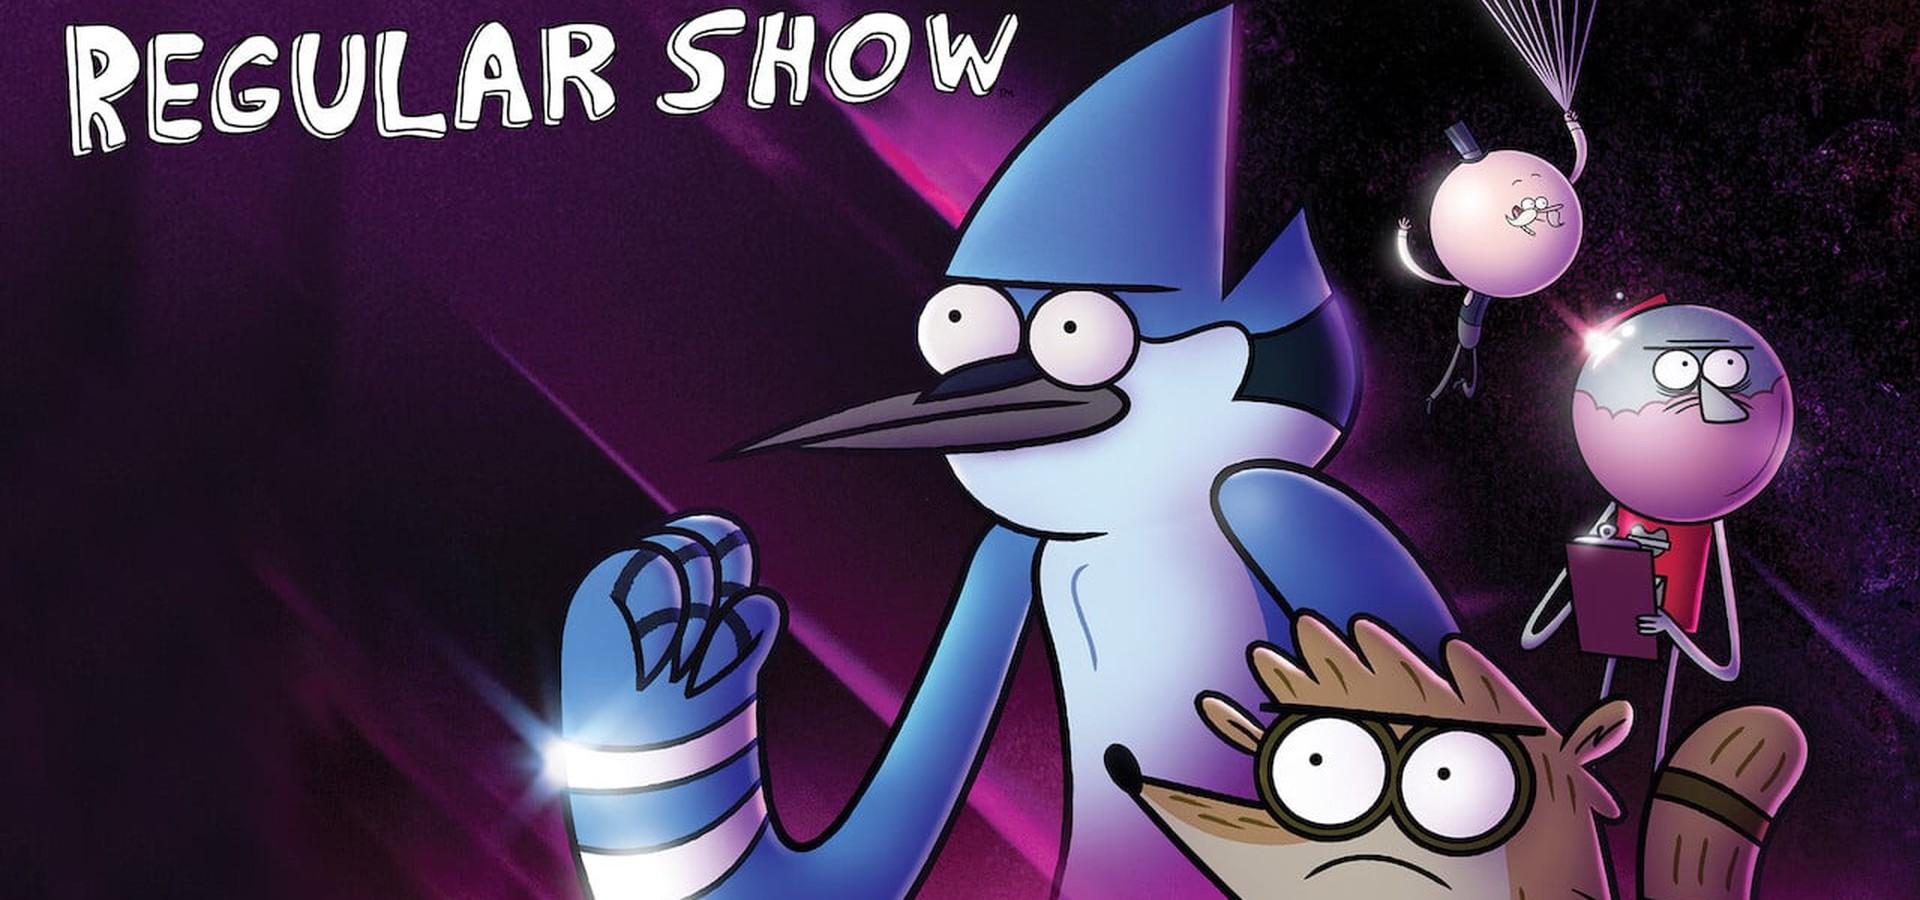 Regular Show - Völlig abgedreht